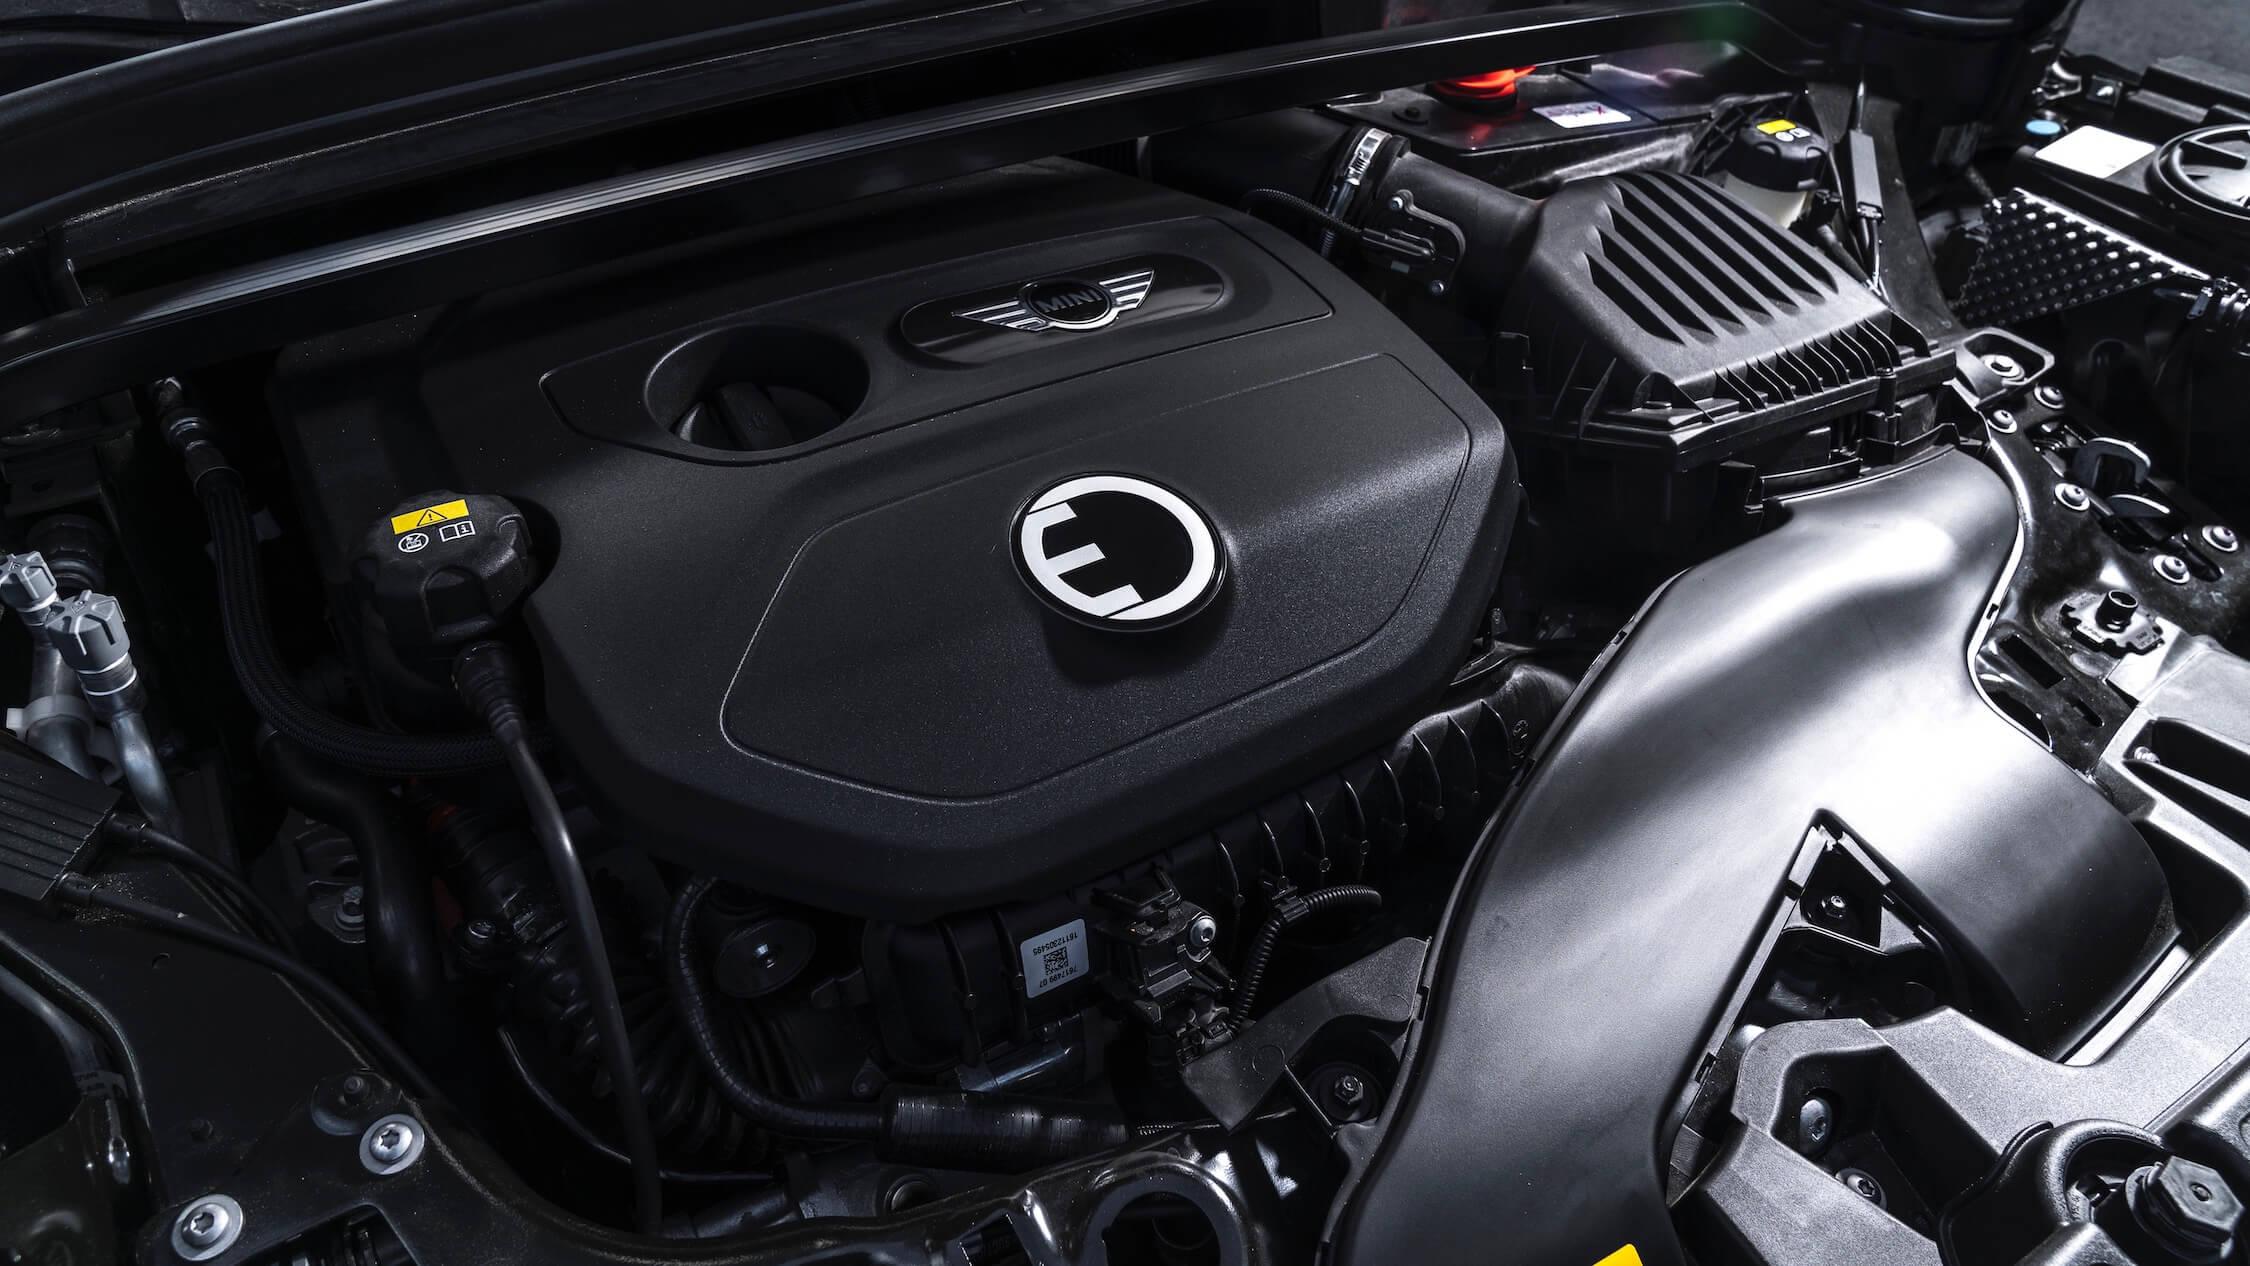 MINI Cooper S E híbrido motor